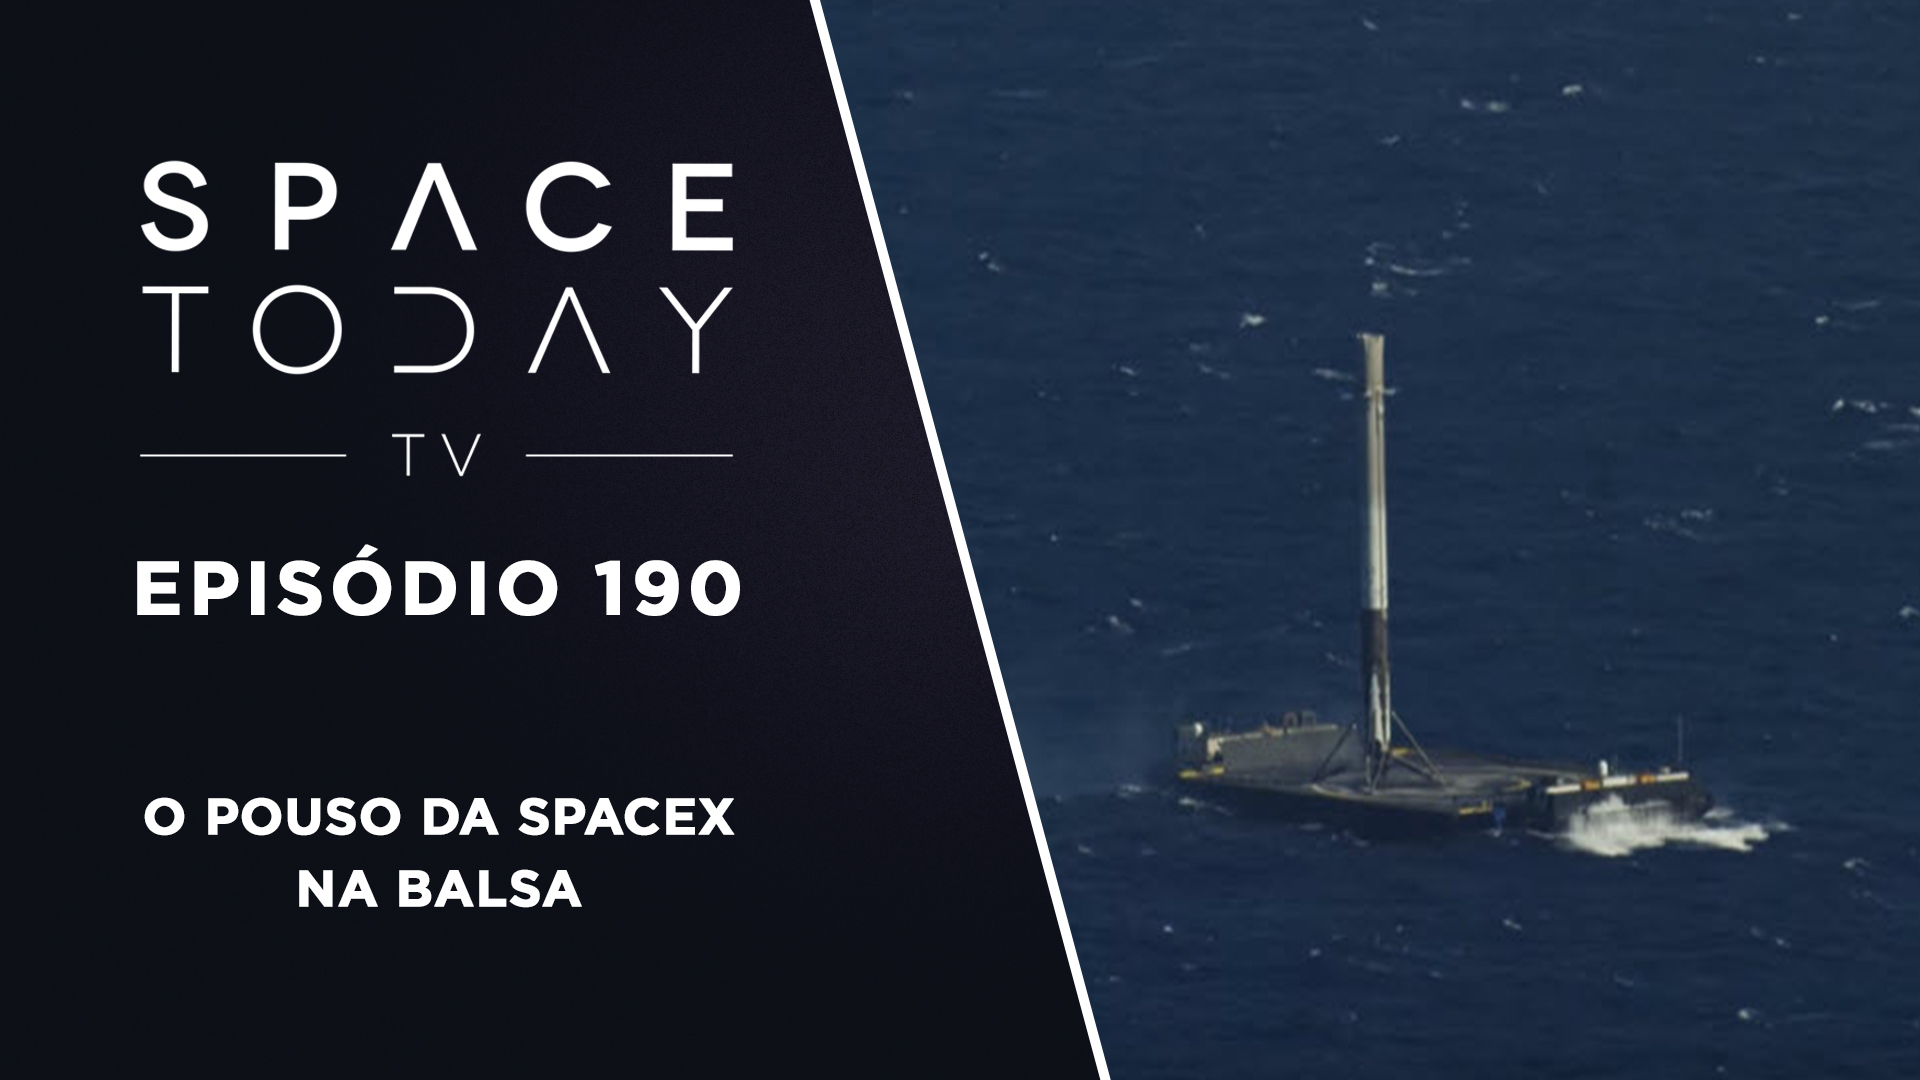 Space Today TV Ep.190 – O Pouso da SpaceX na Balsa